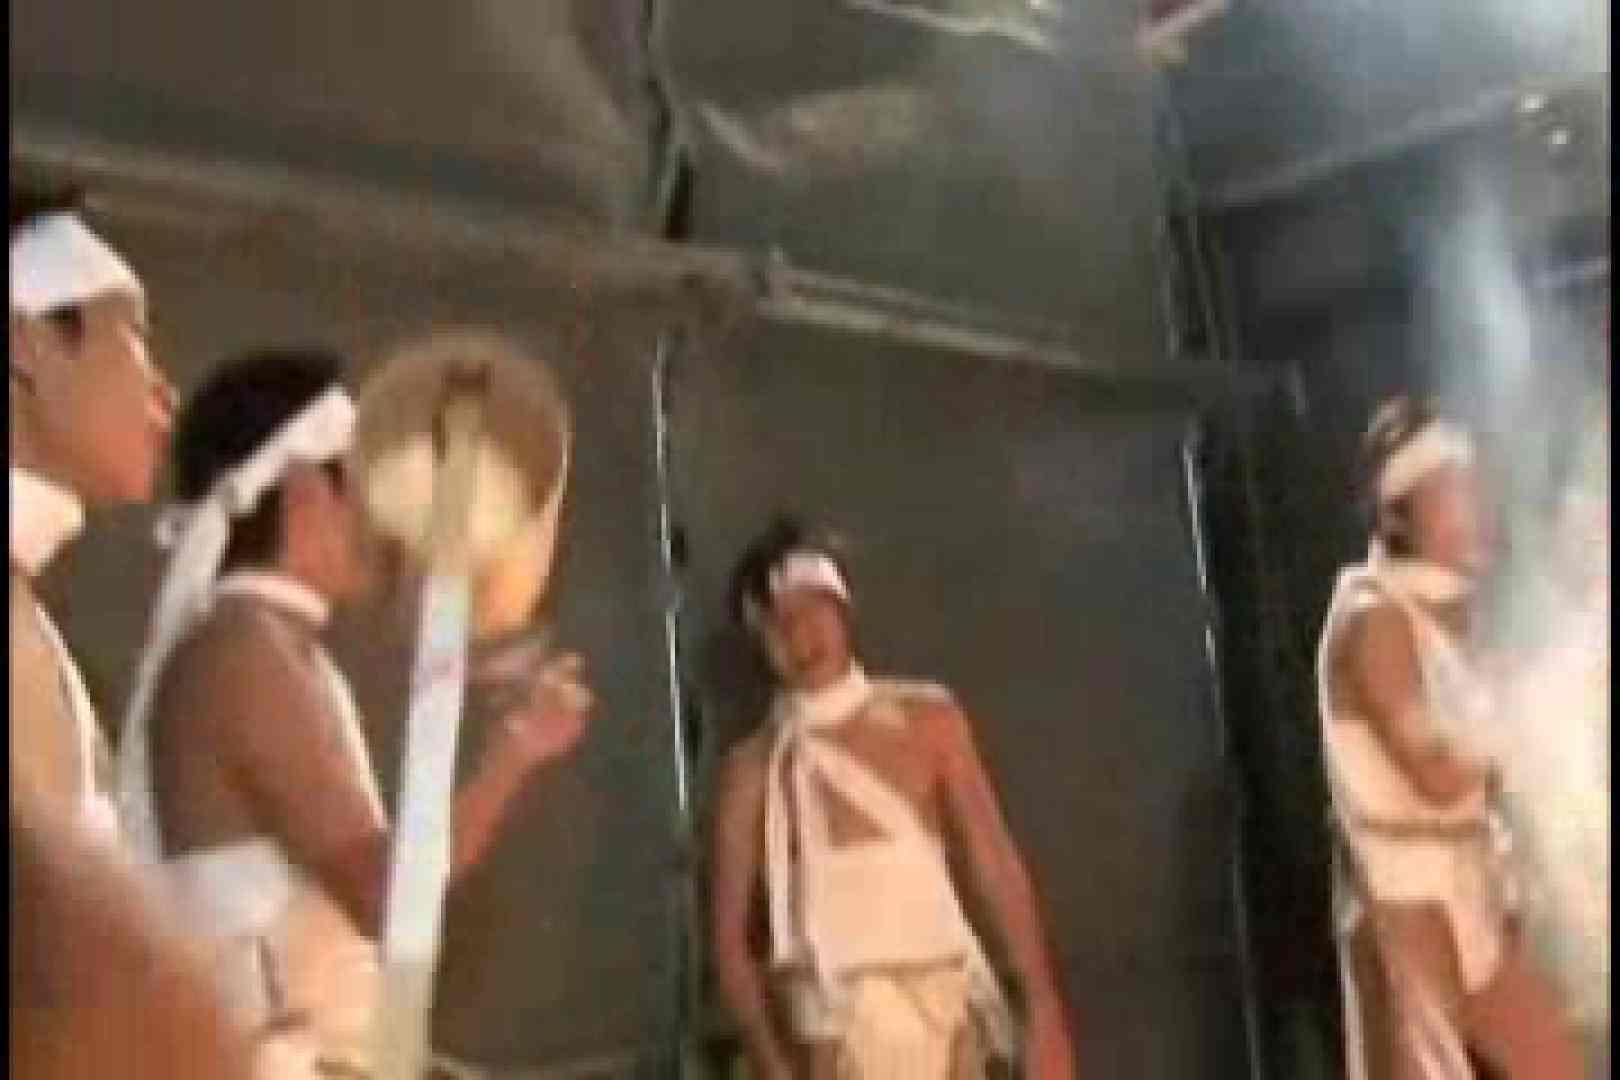 陰間茶屋 男児祭り VOL.7 男どうし | 野外露出動画 ゲイ無料無修正画像 110pic 63